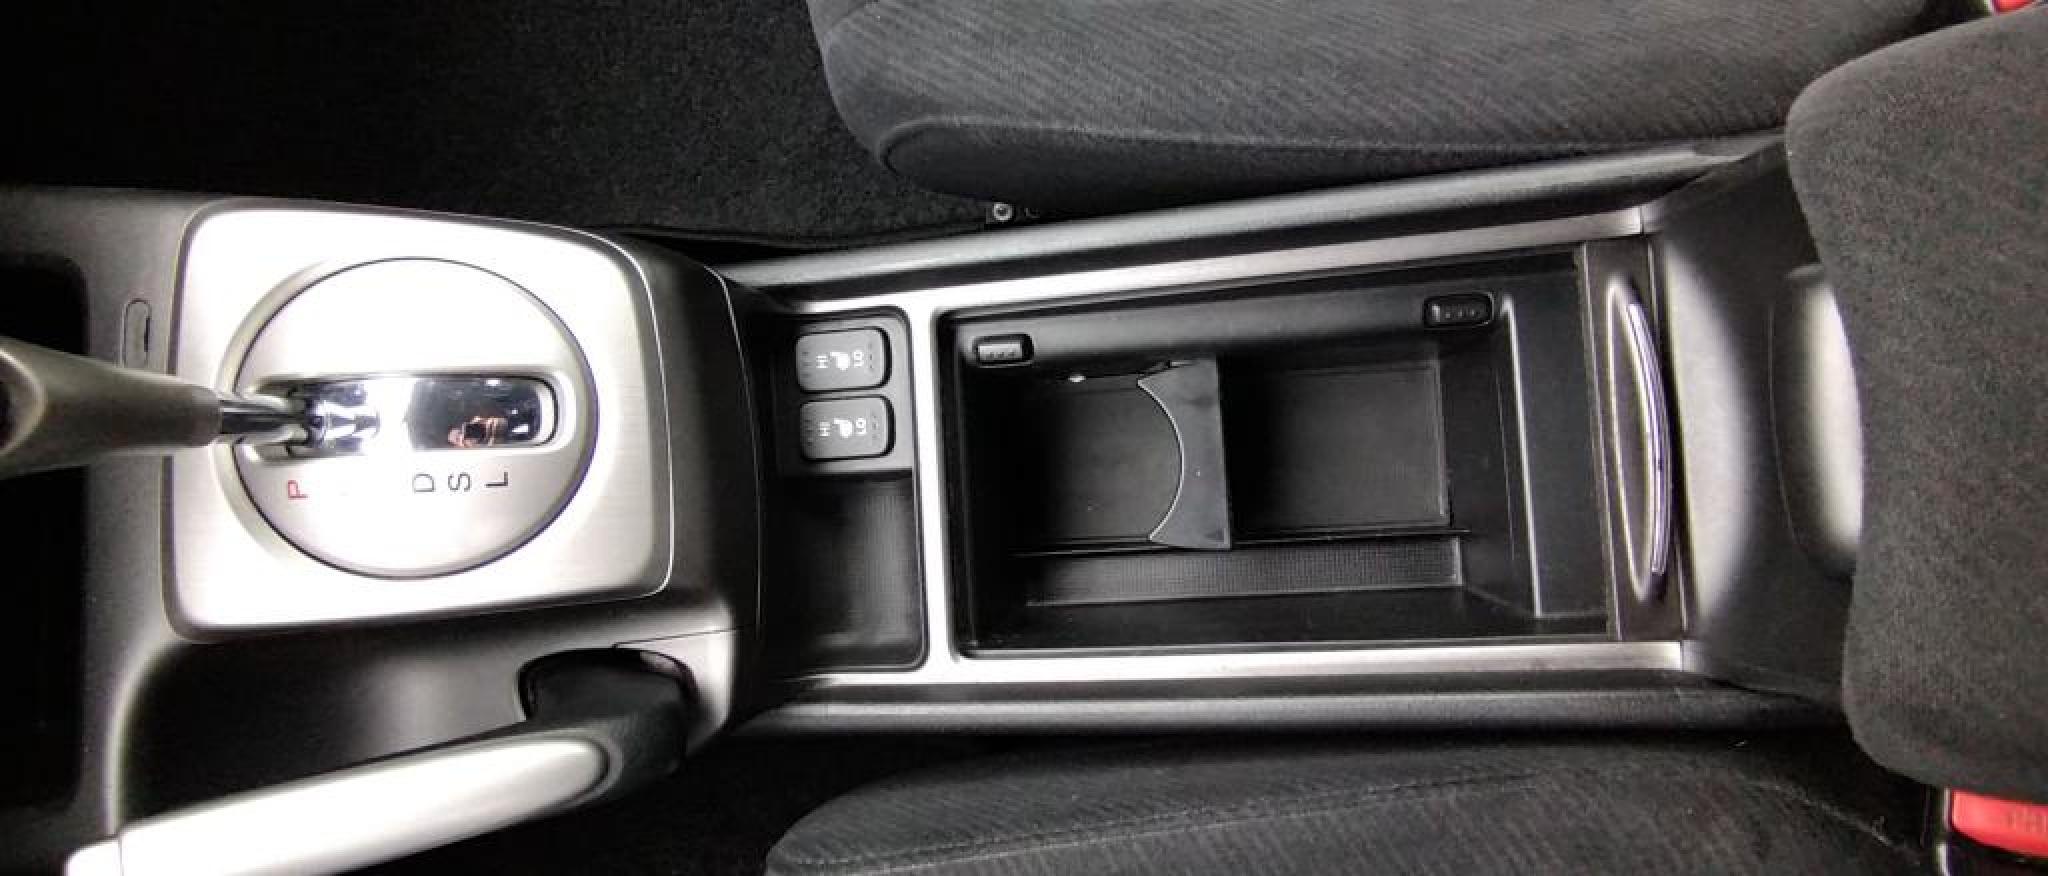 Honda-Civic-21